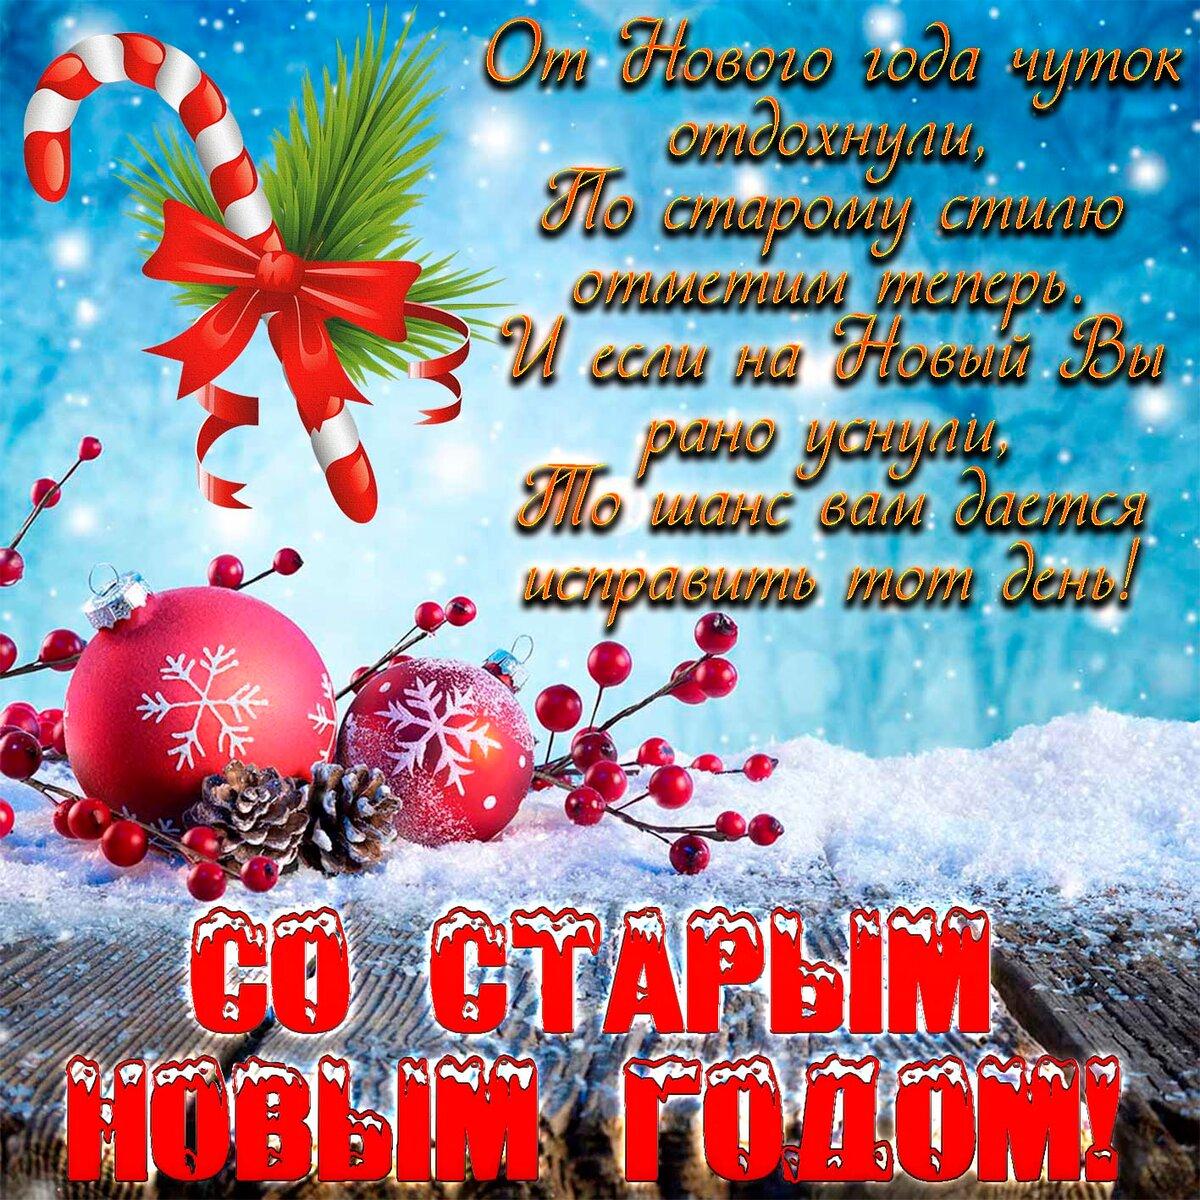 Башкирские картинки со старым новым годом, сделать открытку